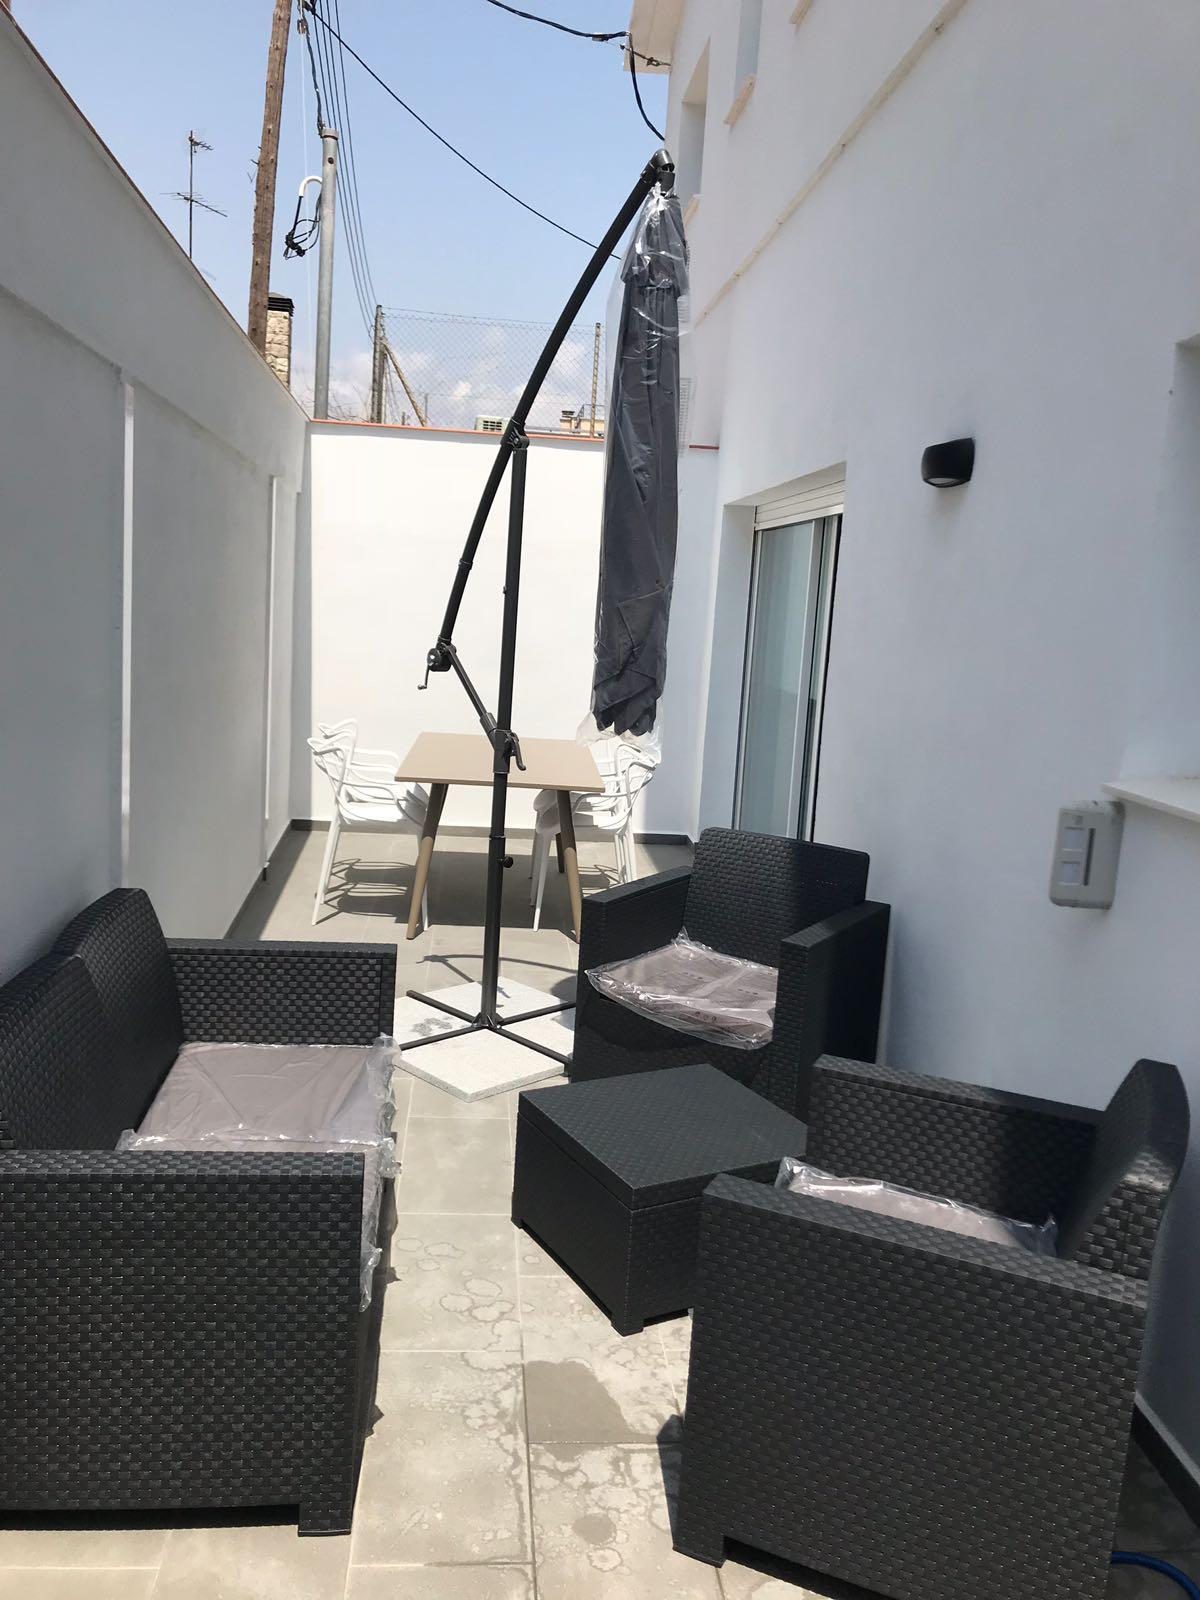 CBR-001 Roesmar Bajo 1H Apartment playa Cambrils